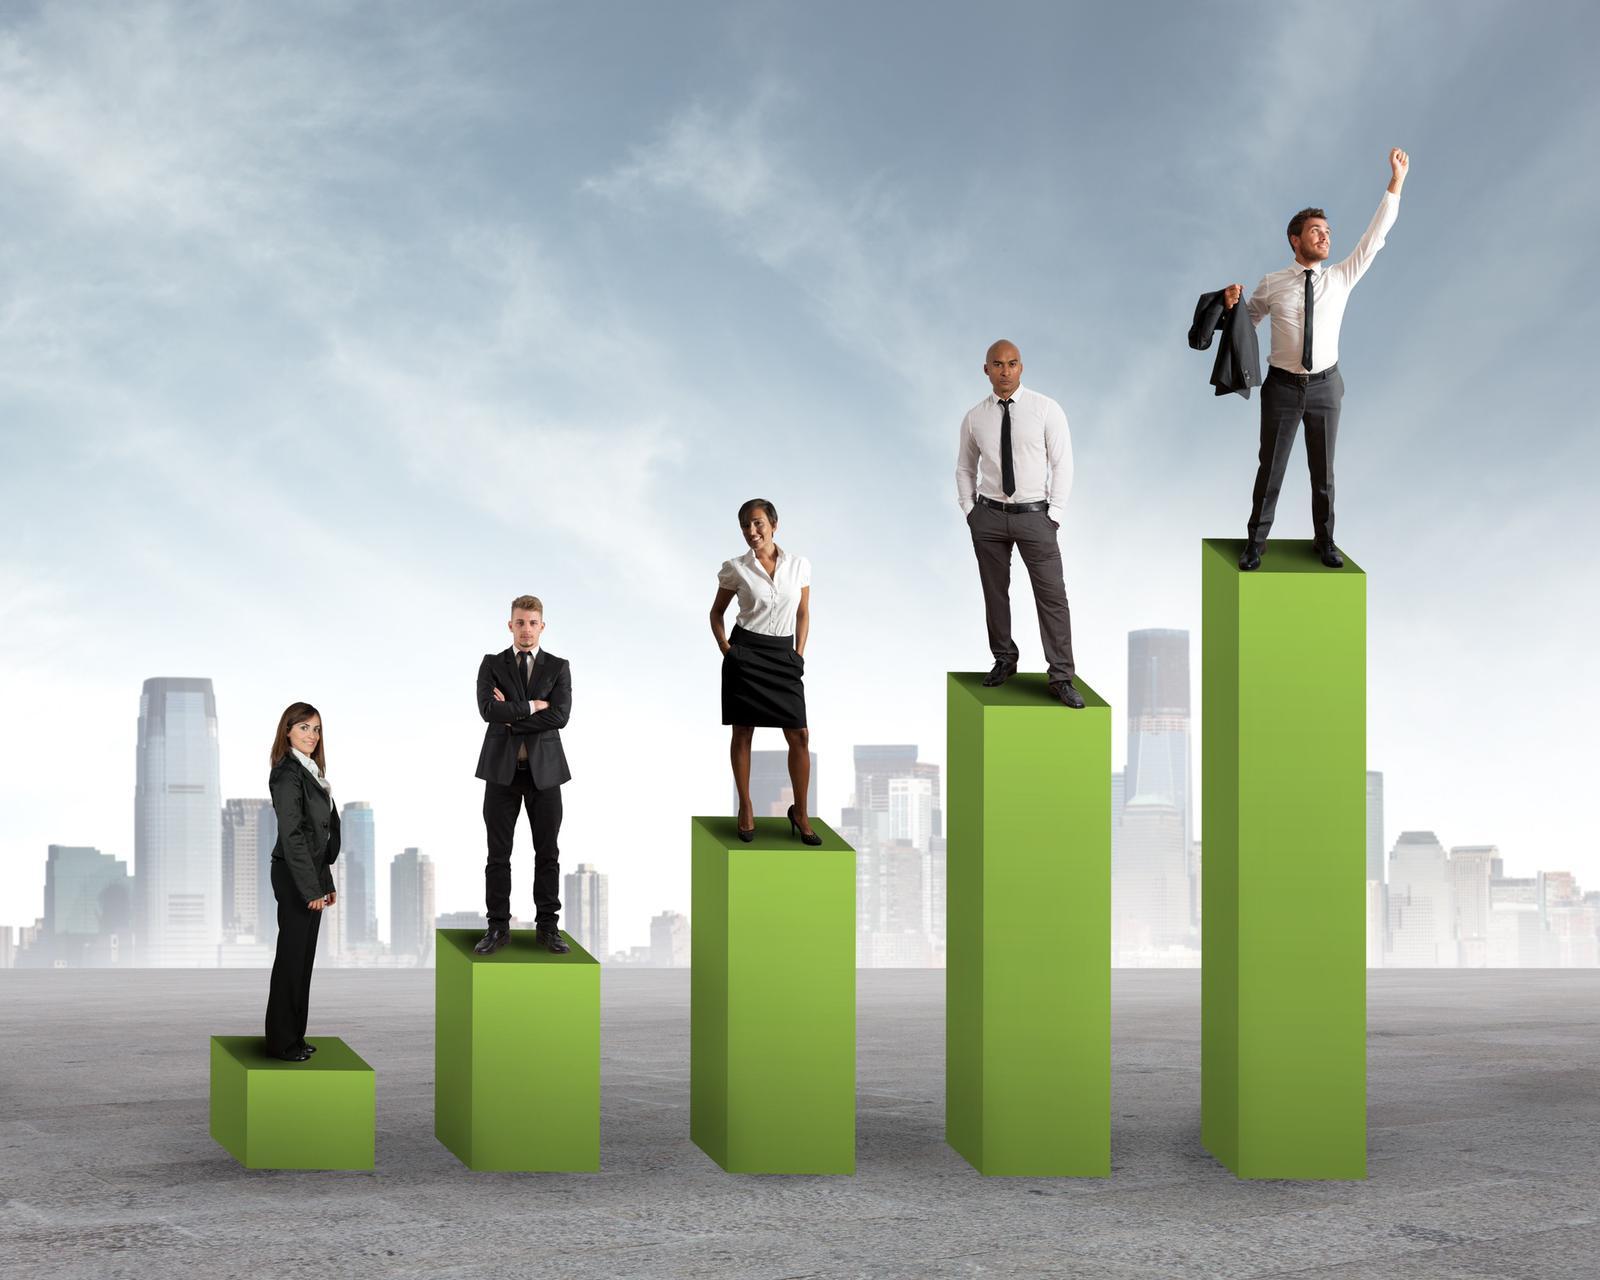 Best sales engagement practices